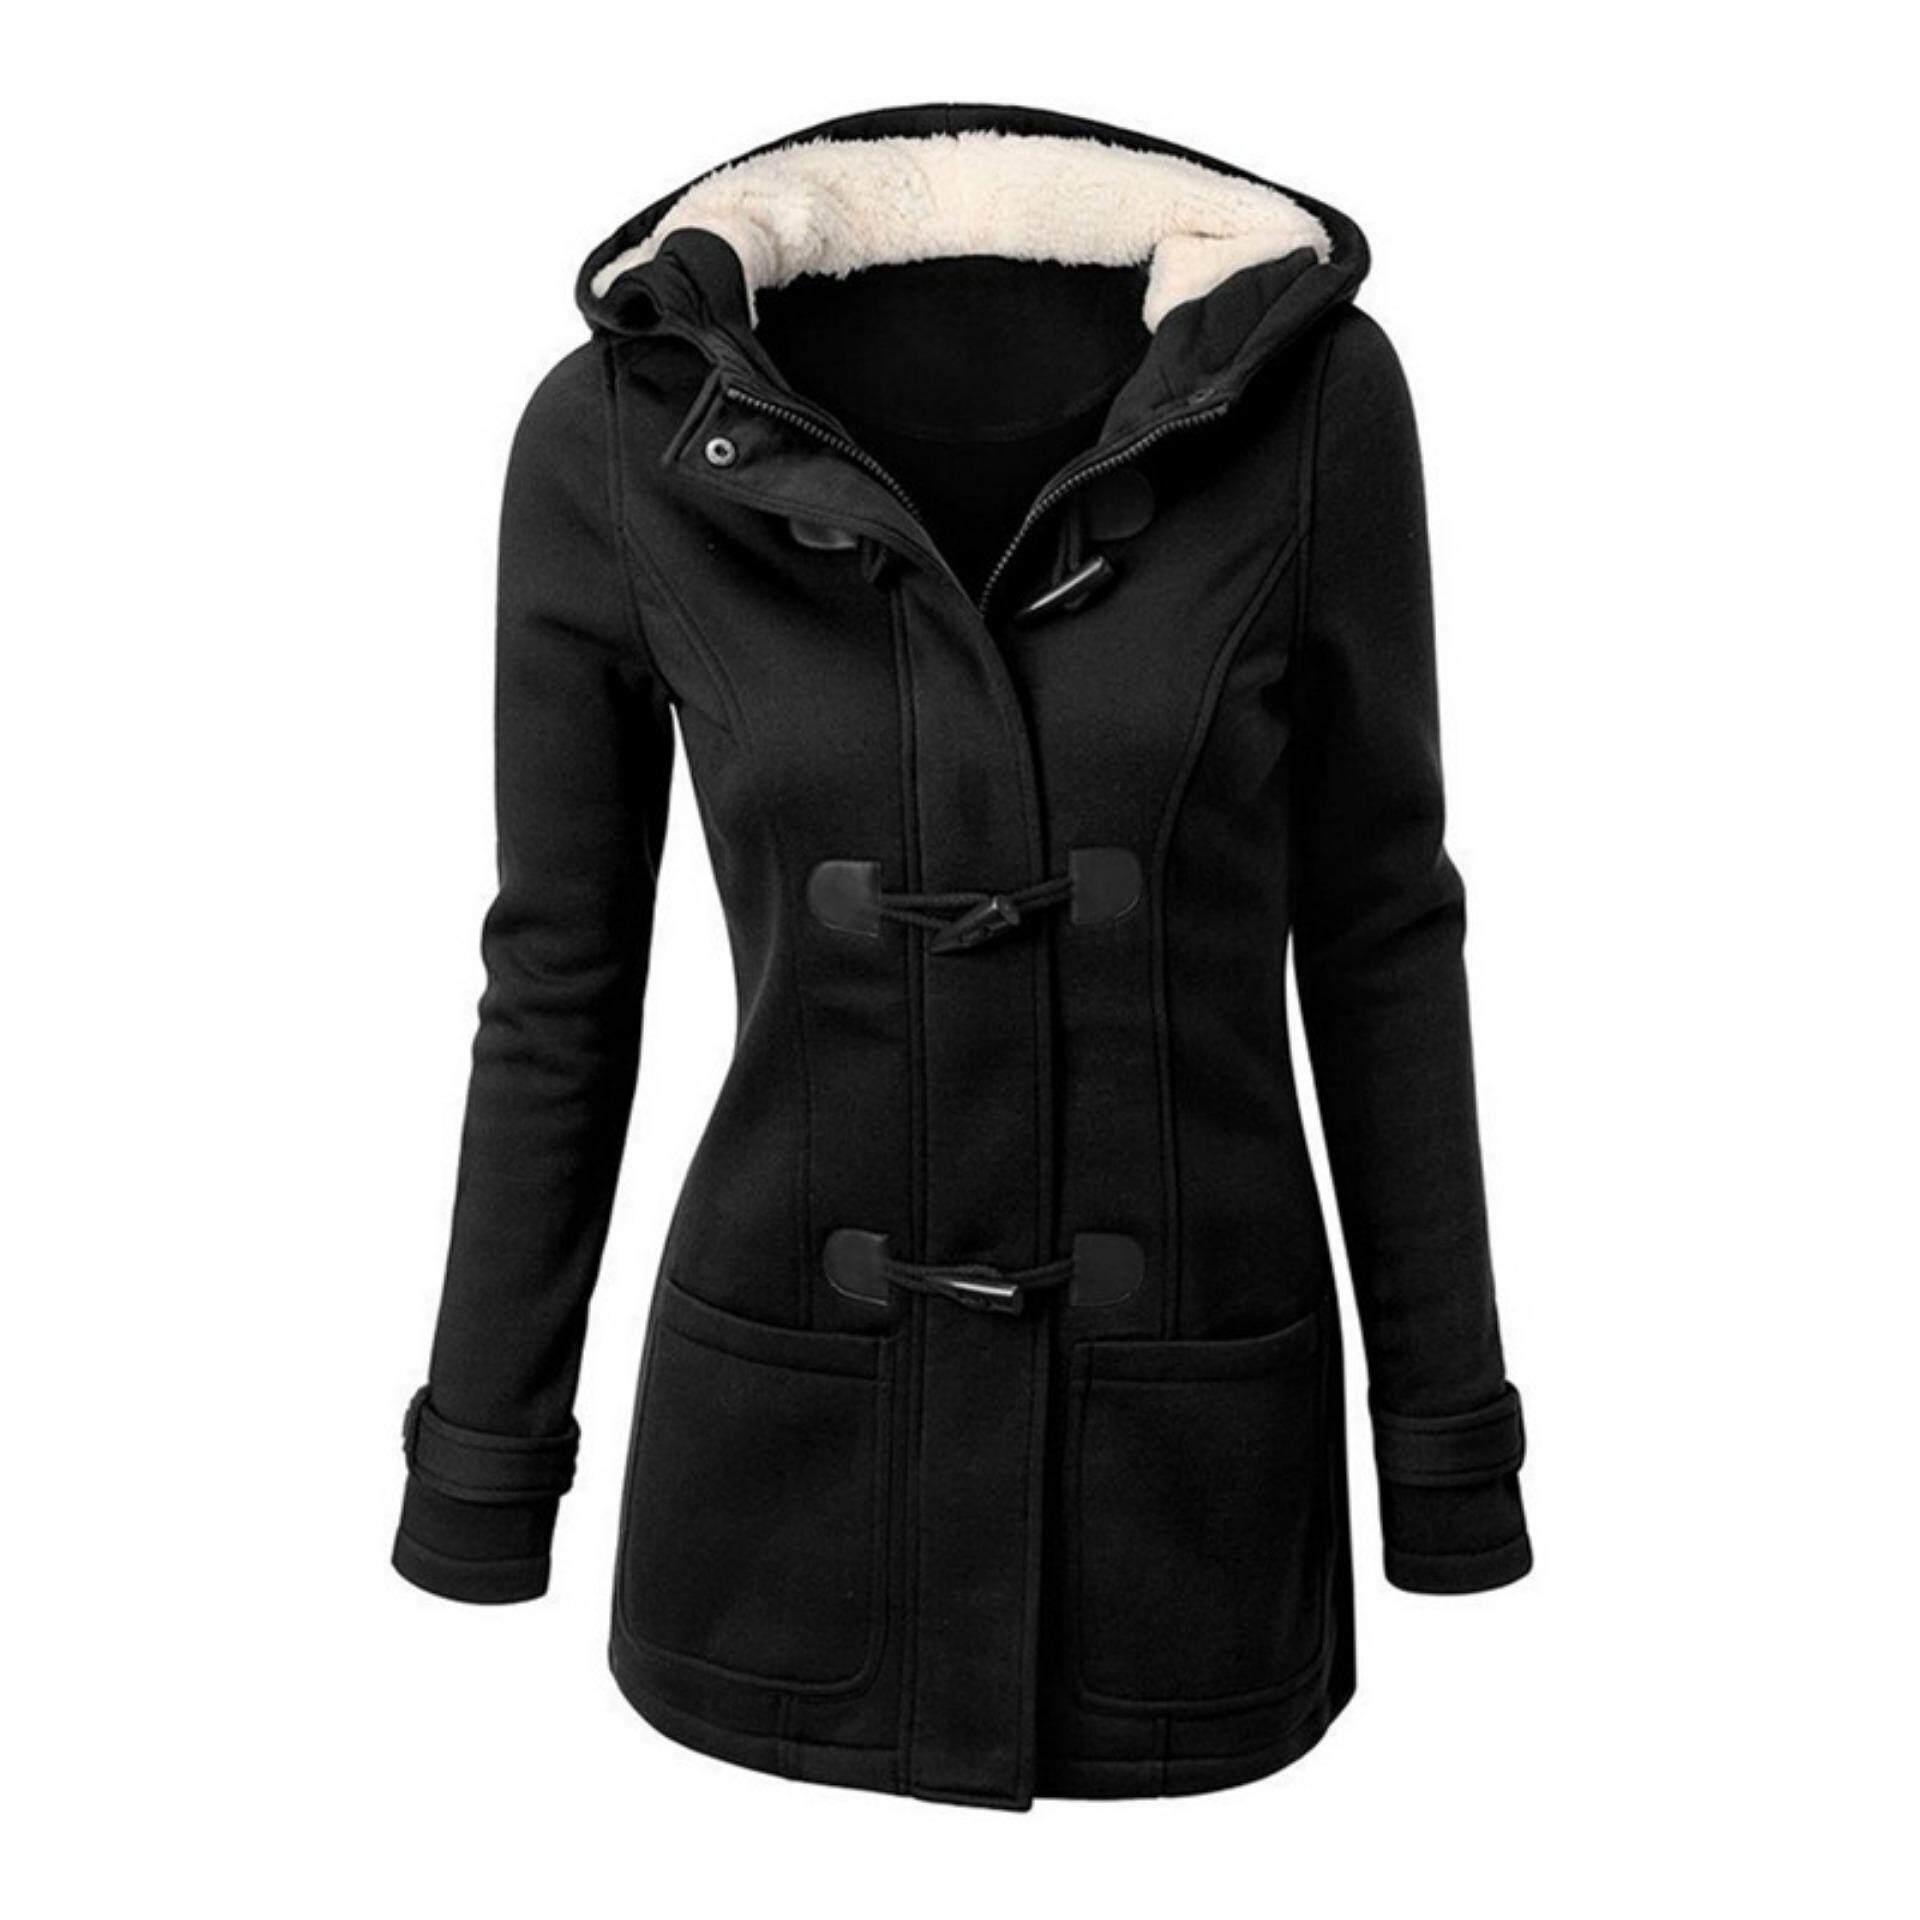 ba5225183 Veli shy Women's Winter Warm Wool Blend Double Breasted Jacket Coat  Overcoat Parka Outwear Black S